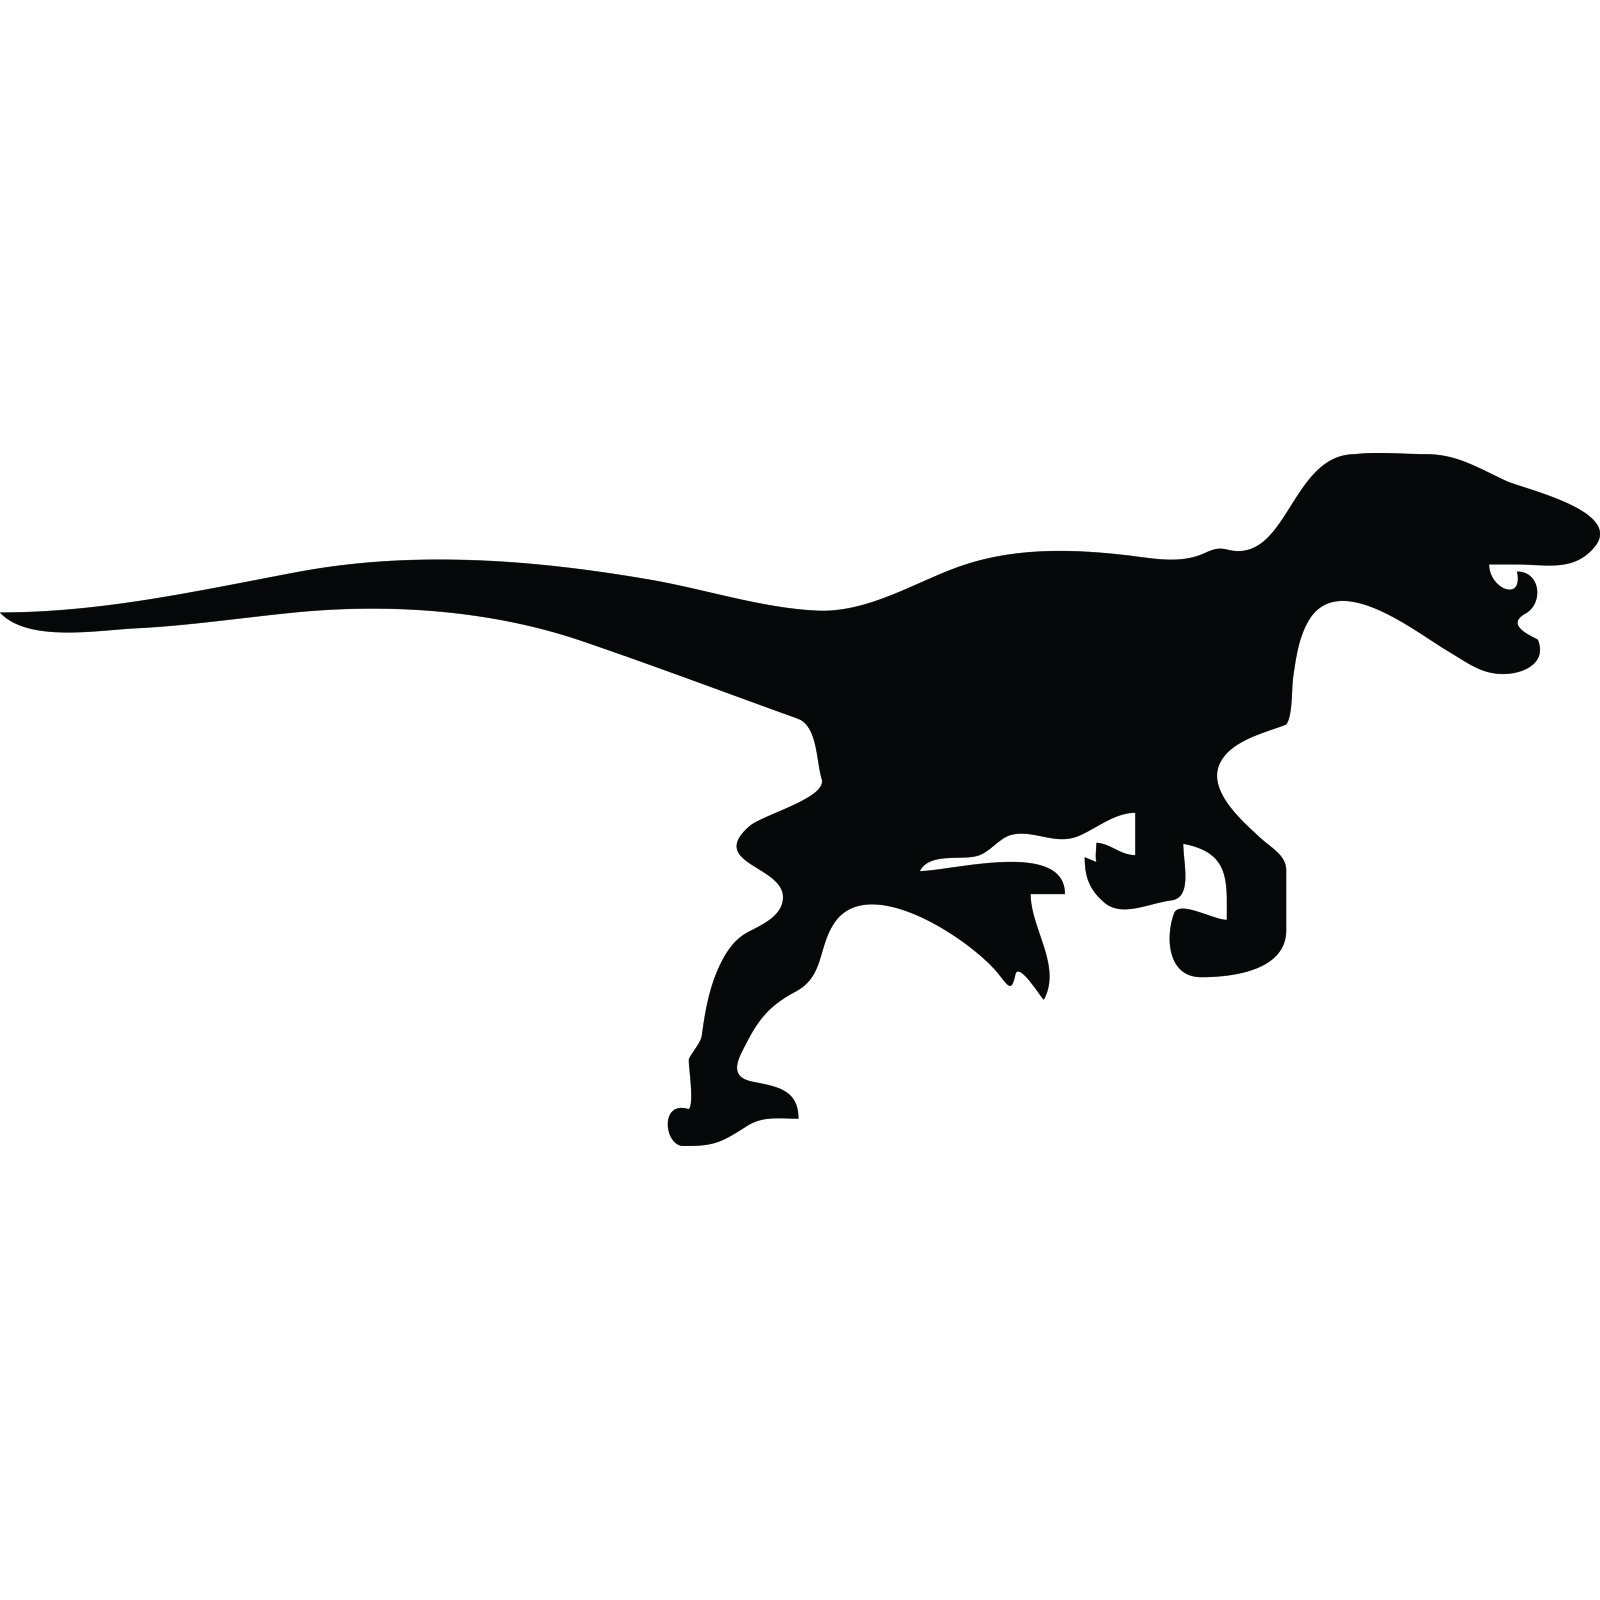 1600x1600 Velociraptor Dinosaur Silhouette Wall Sticker